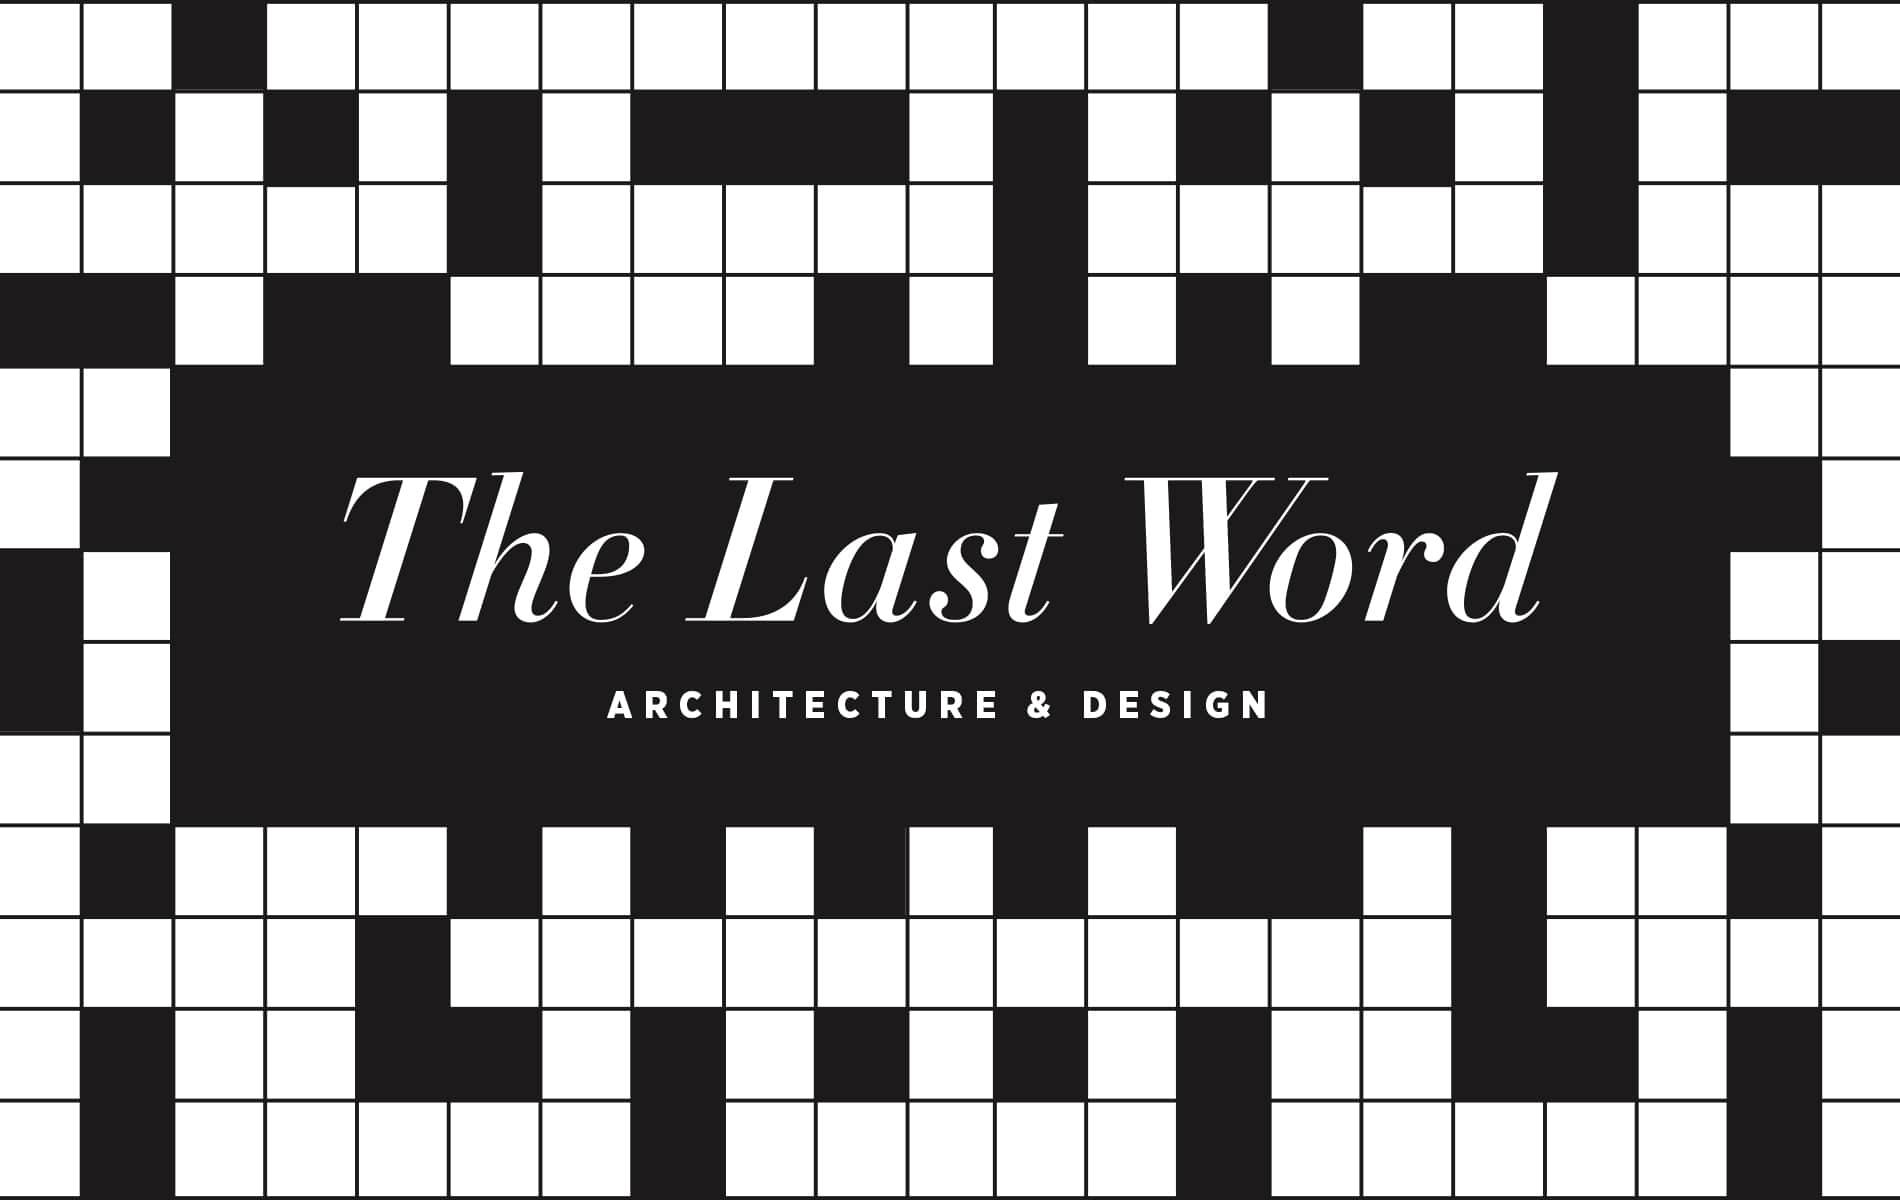 VIE Magazine August 2019 Architecture & Design Issue, Crossword Puzzle